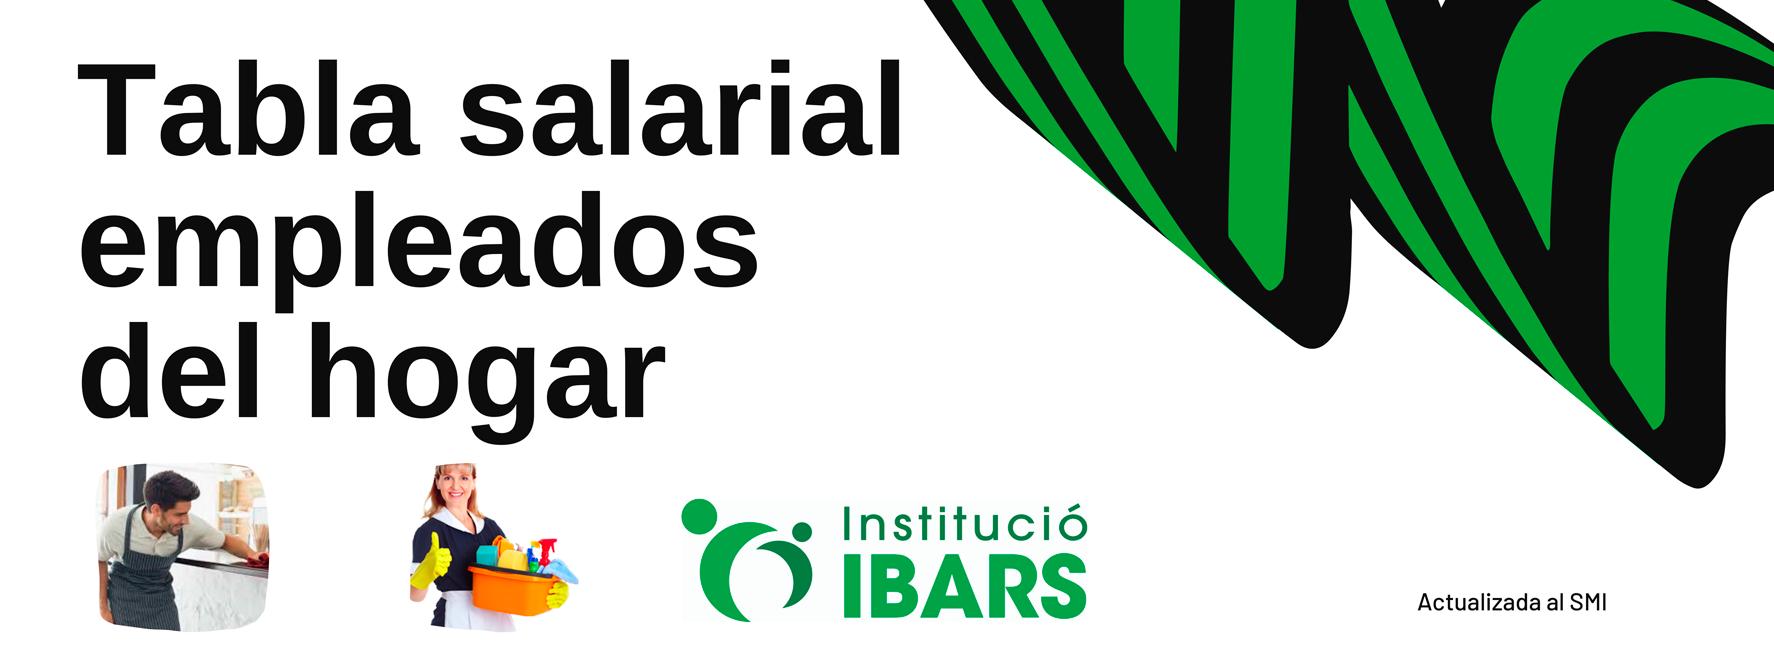 Tablas Salariales Empleadas De Hogar 2021 Institucio Ibars